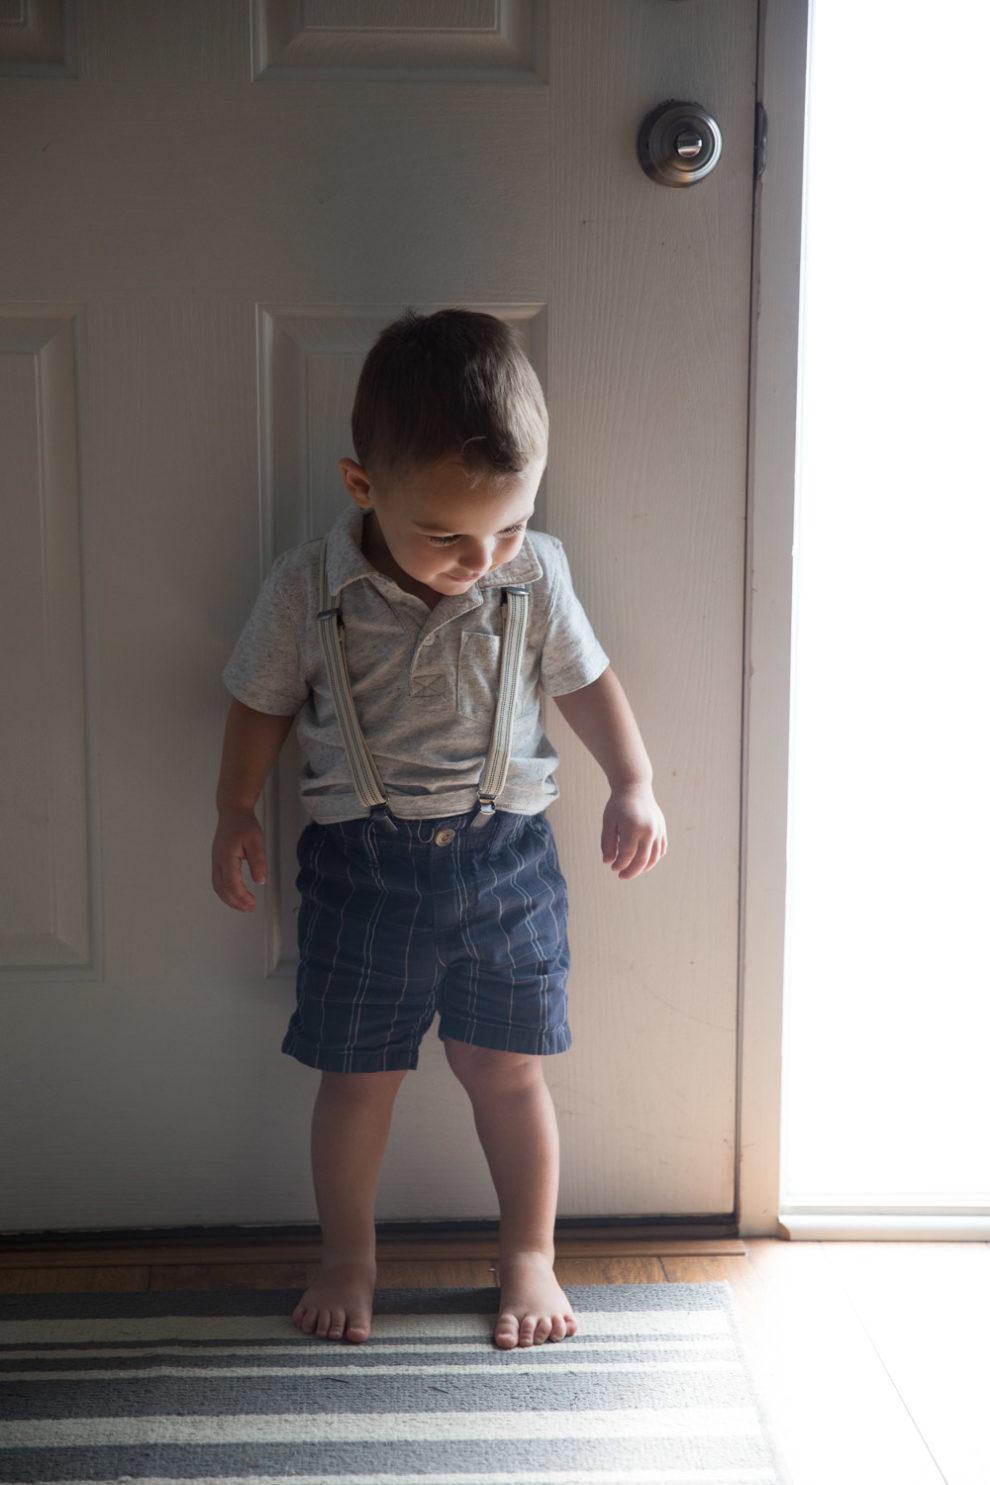 Oliver-22 months